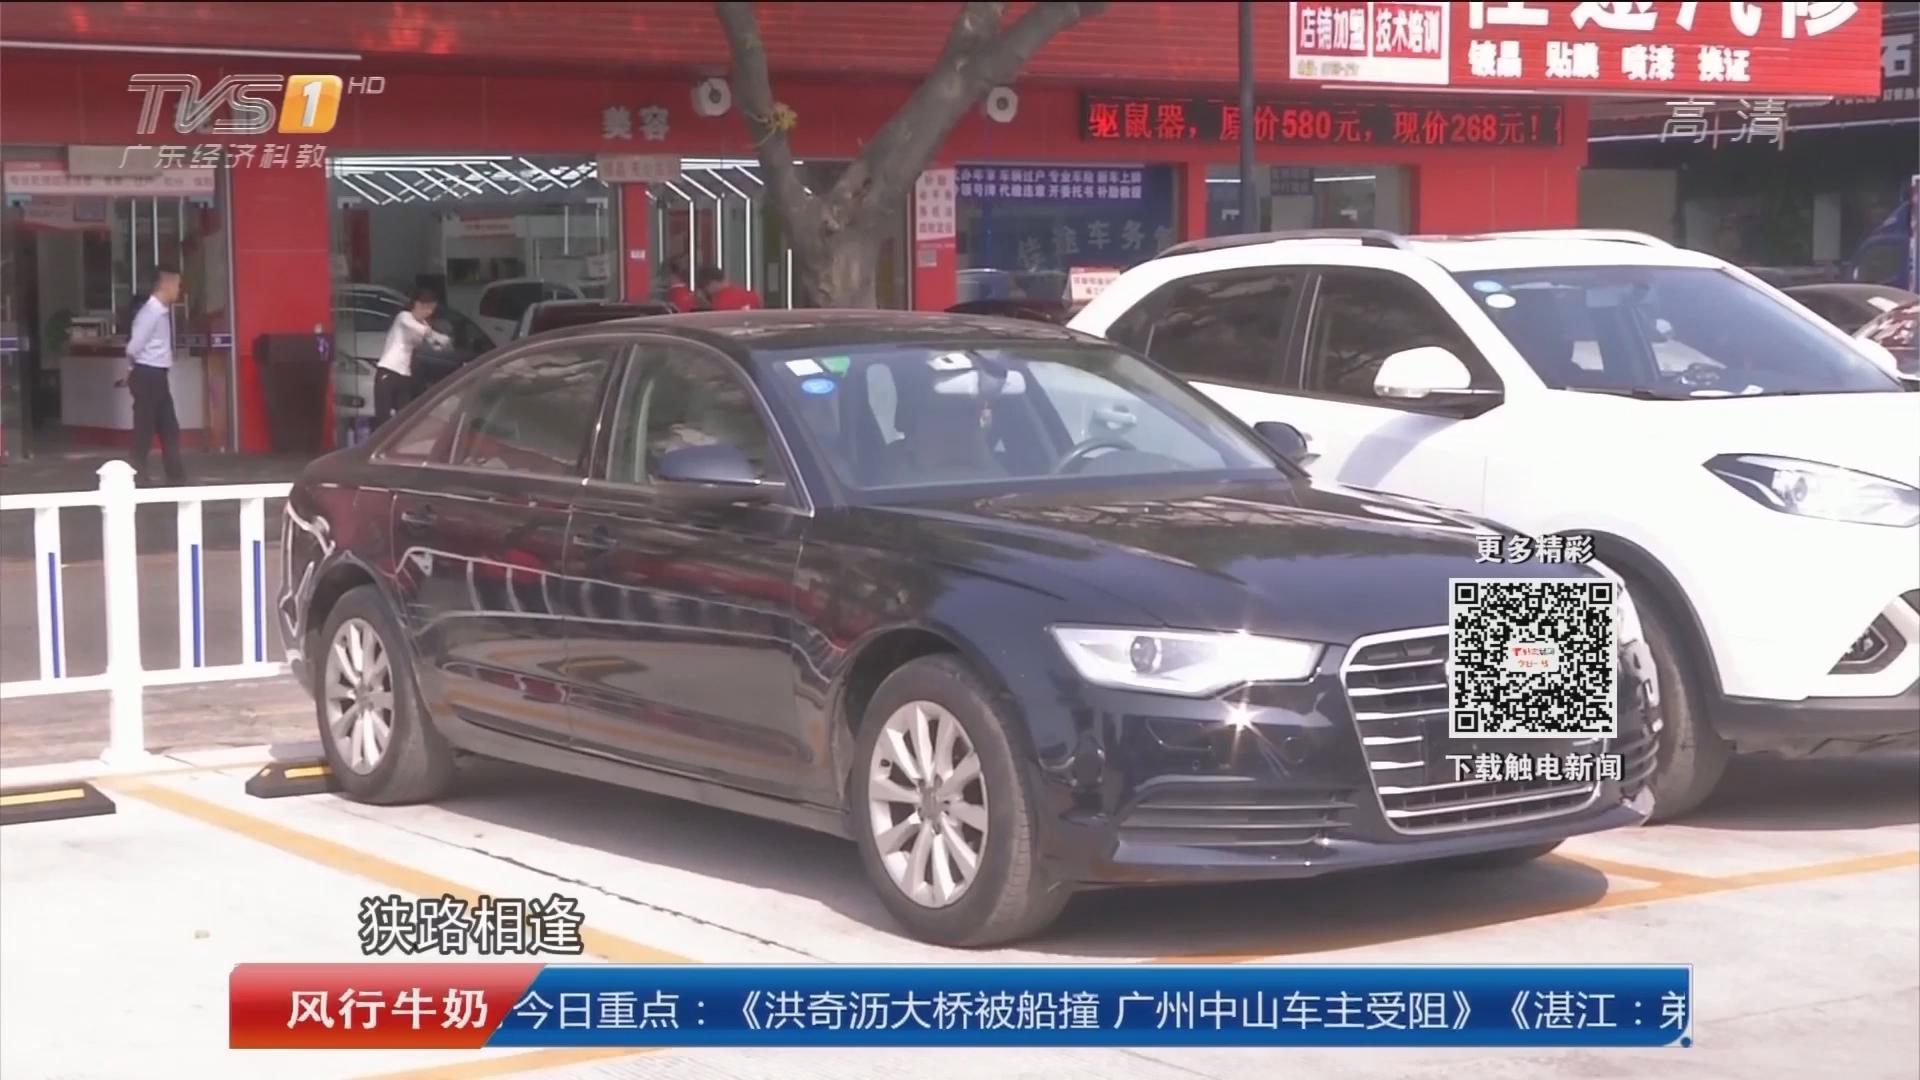 """东莞长安:""""内鬼""""合谋偷车 老板跨省抓贼"""